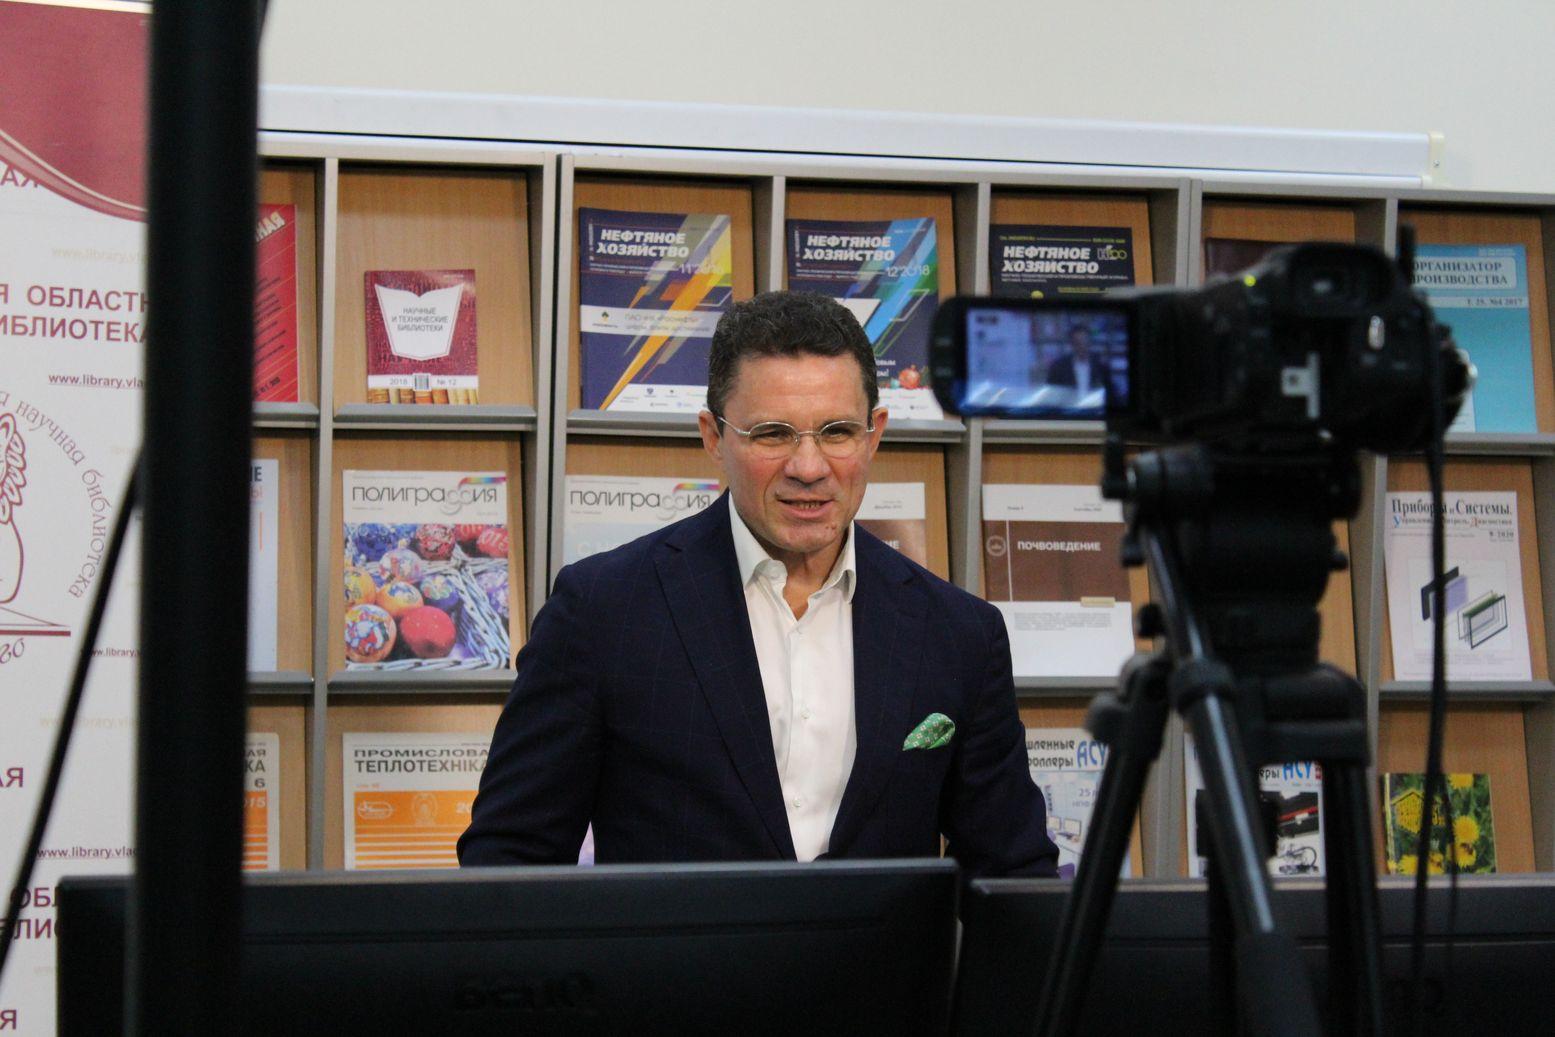 В.В. Дуда, генеральный директор Российской государственной библиотеки